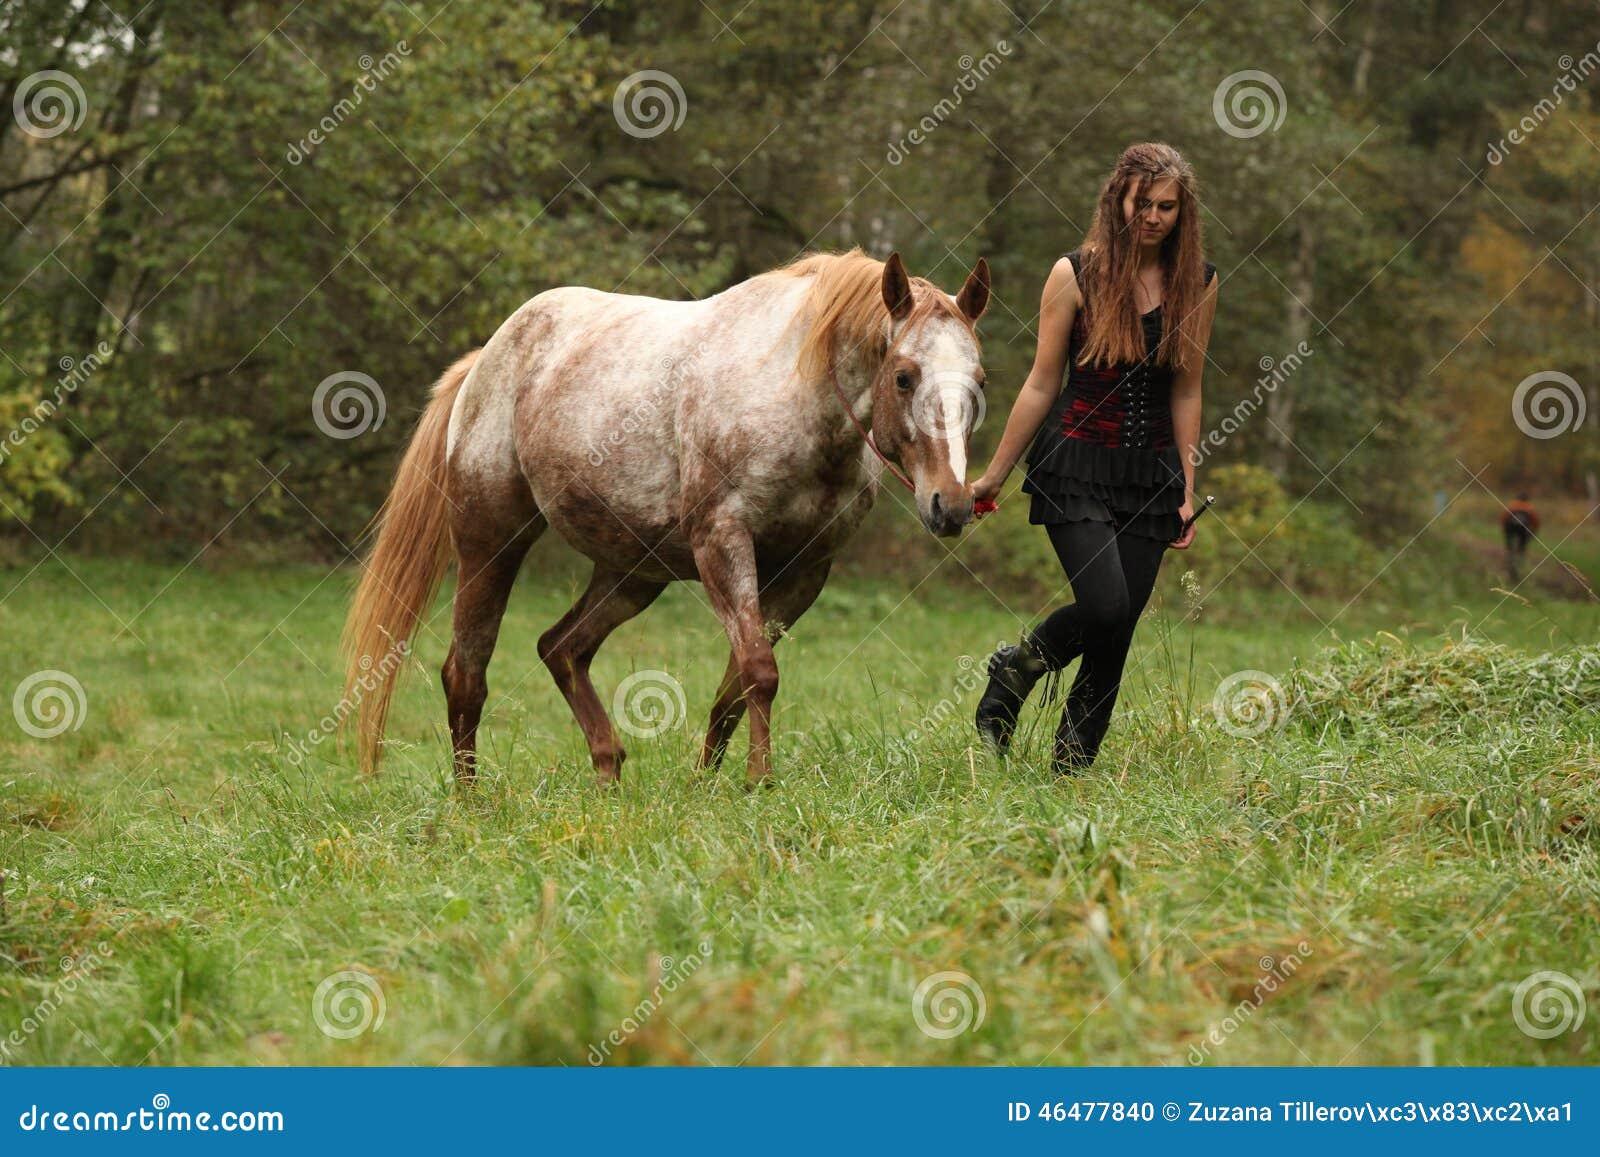 image Marina il cavallo e lo stallone pt3